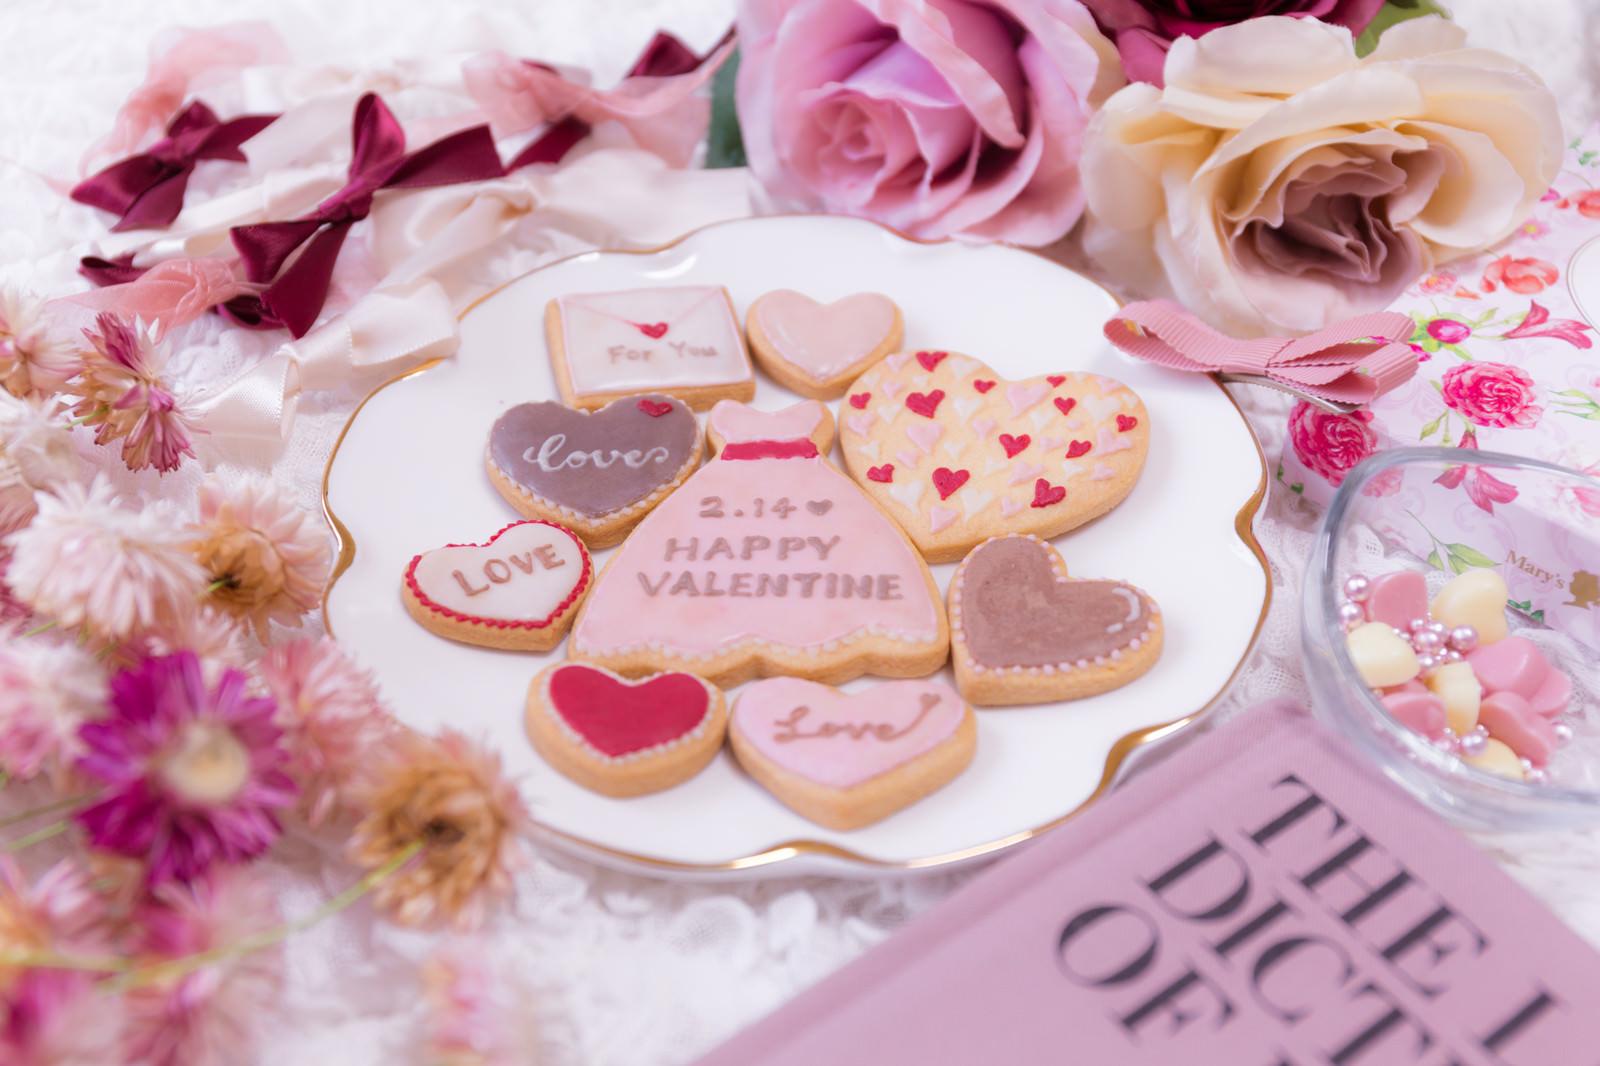 ピンク一色に囲まれたバレンタイン用のクッキーのフリー素材